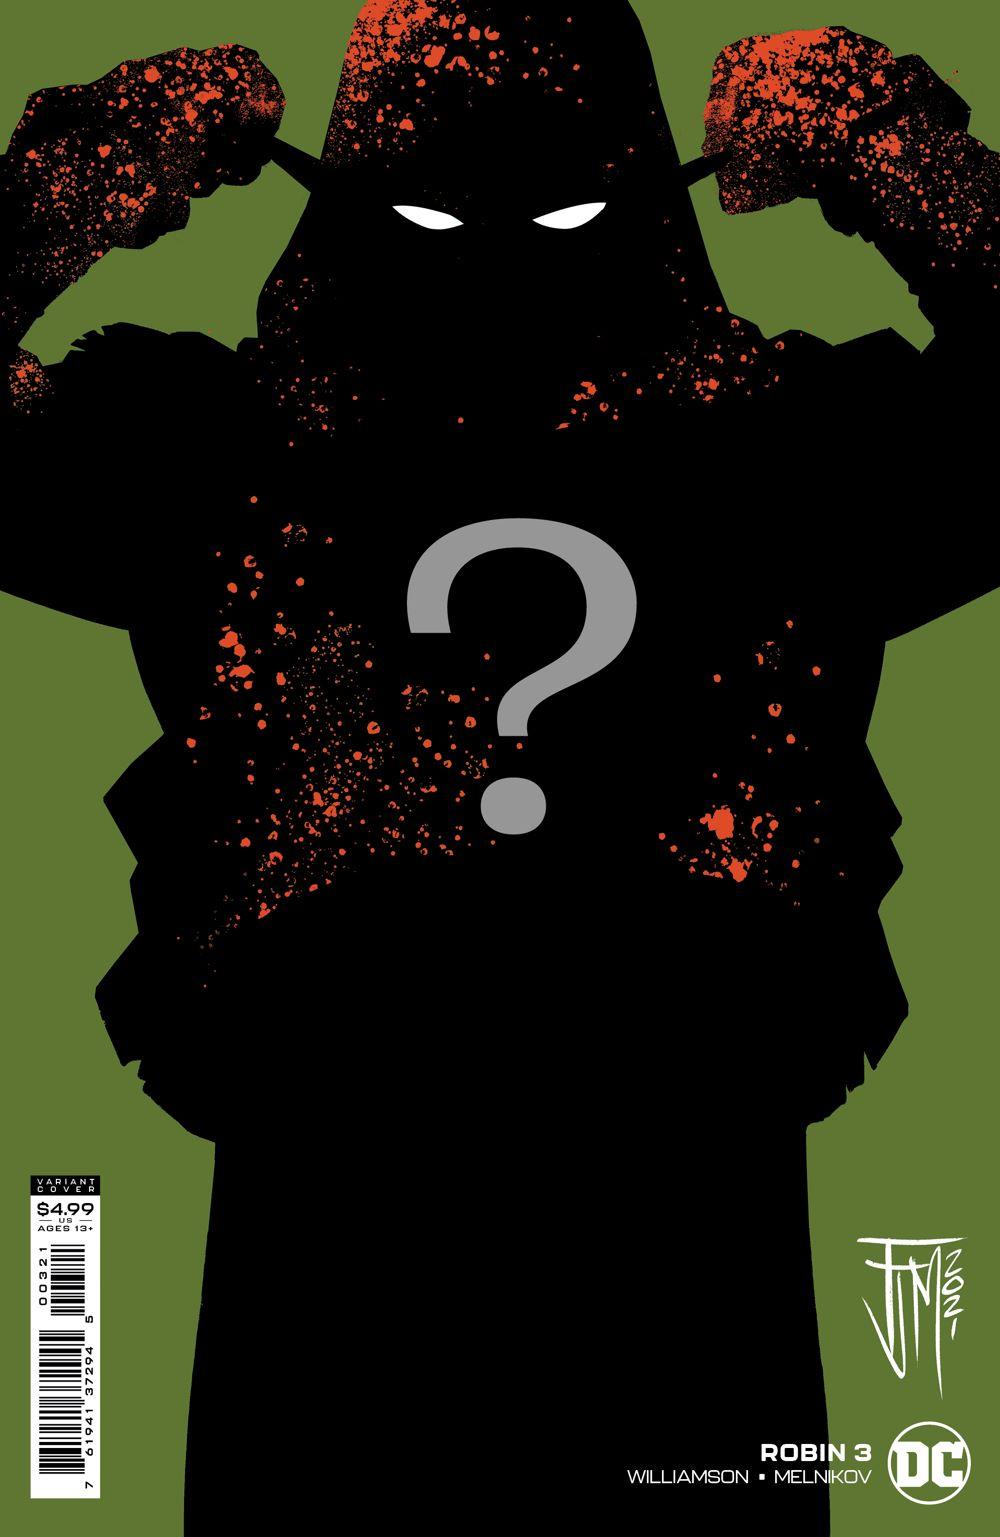 ROBIN_Cv3_VAR_SILO DC Comics June 2021 Solicitations